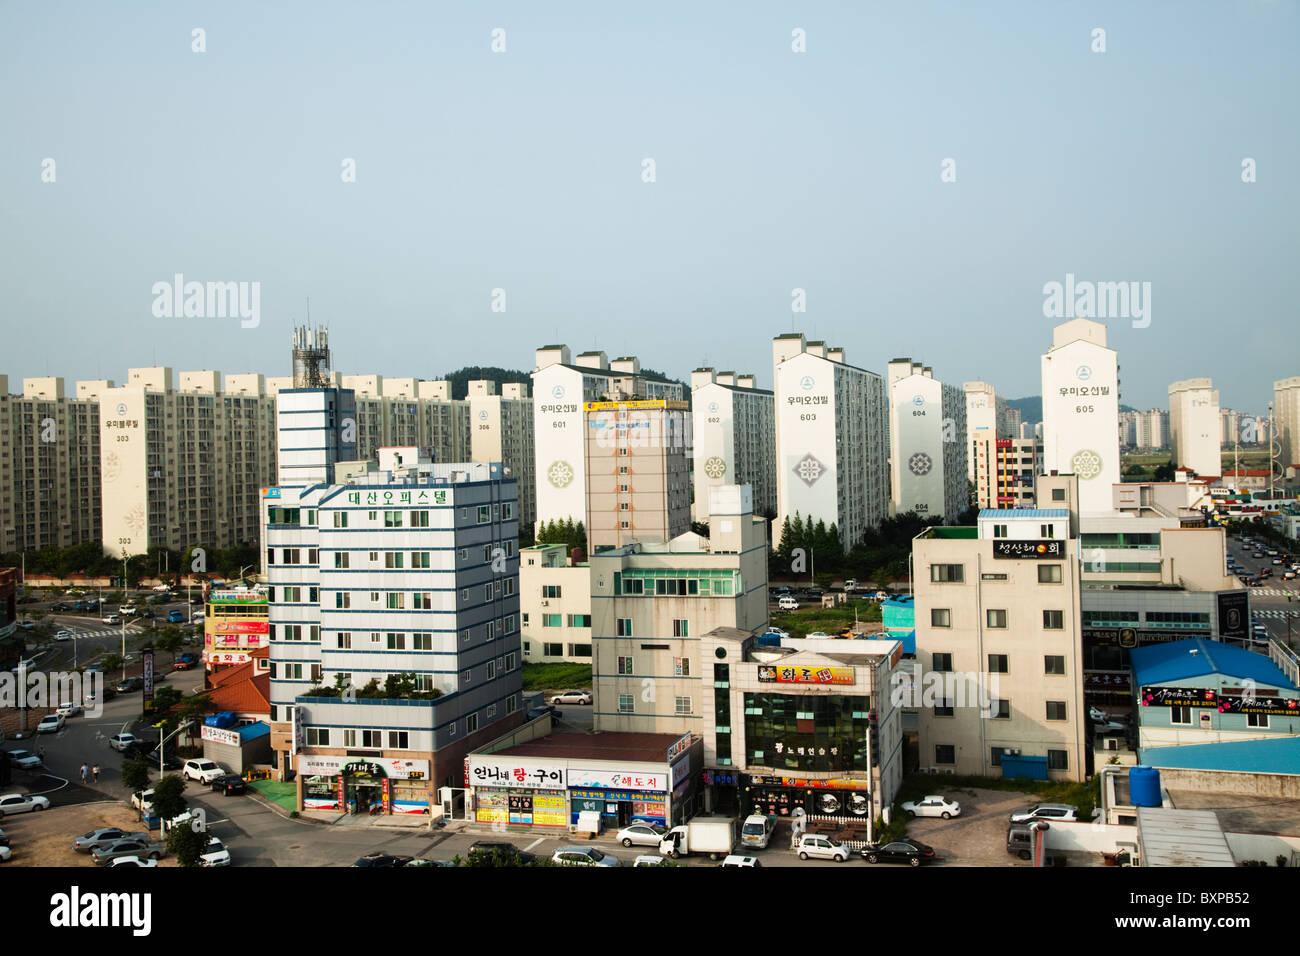 Architettura attorno Mokpo Harbour, Corea del Sud Immagini Stock